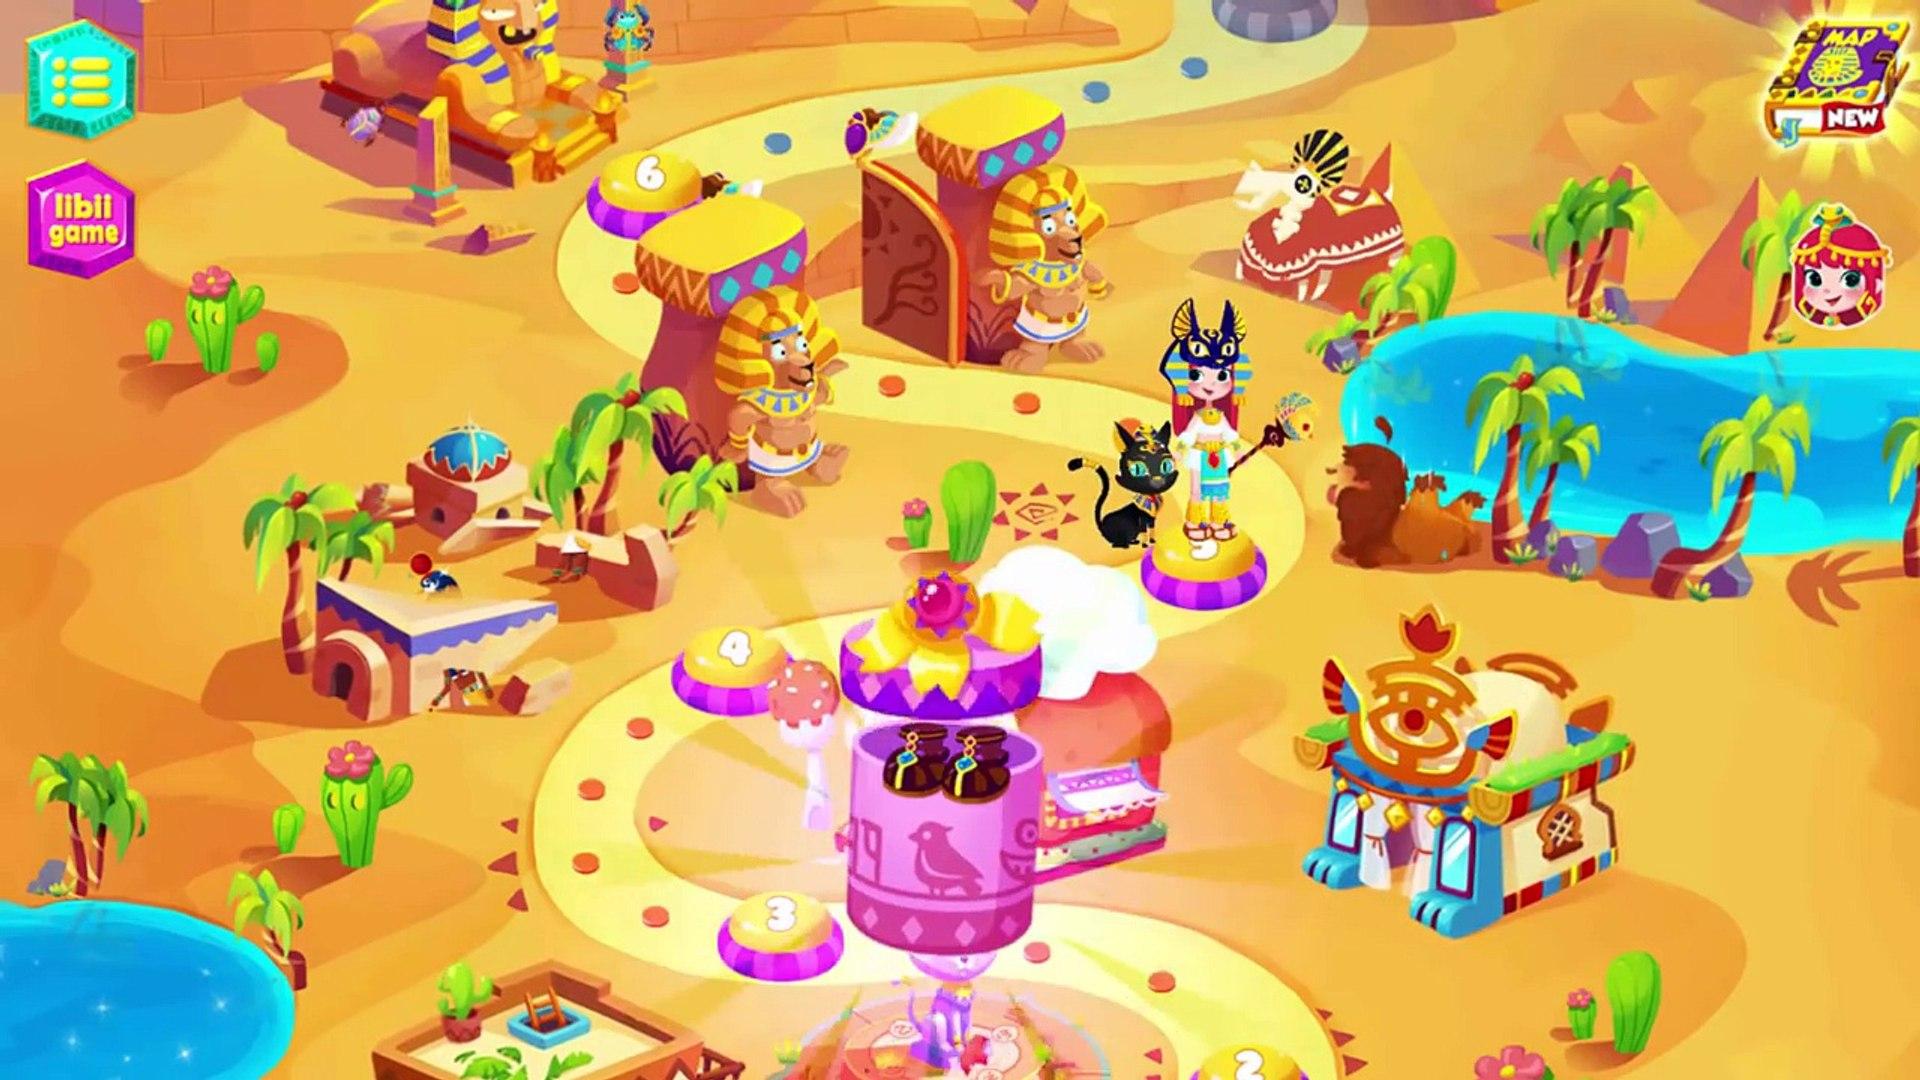 Приключение и андроид б б б б б Египет Эмили для игра Игры Игры ИОС дитя Дети Ливия видео